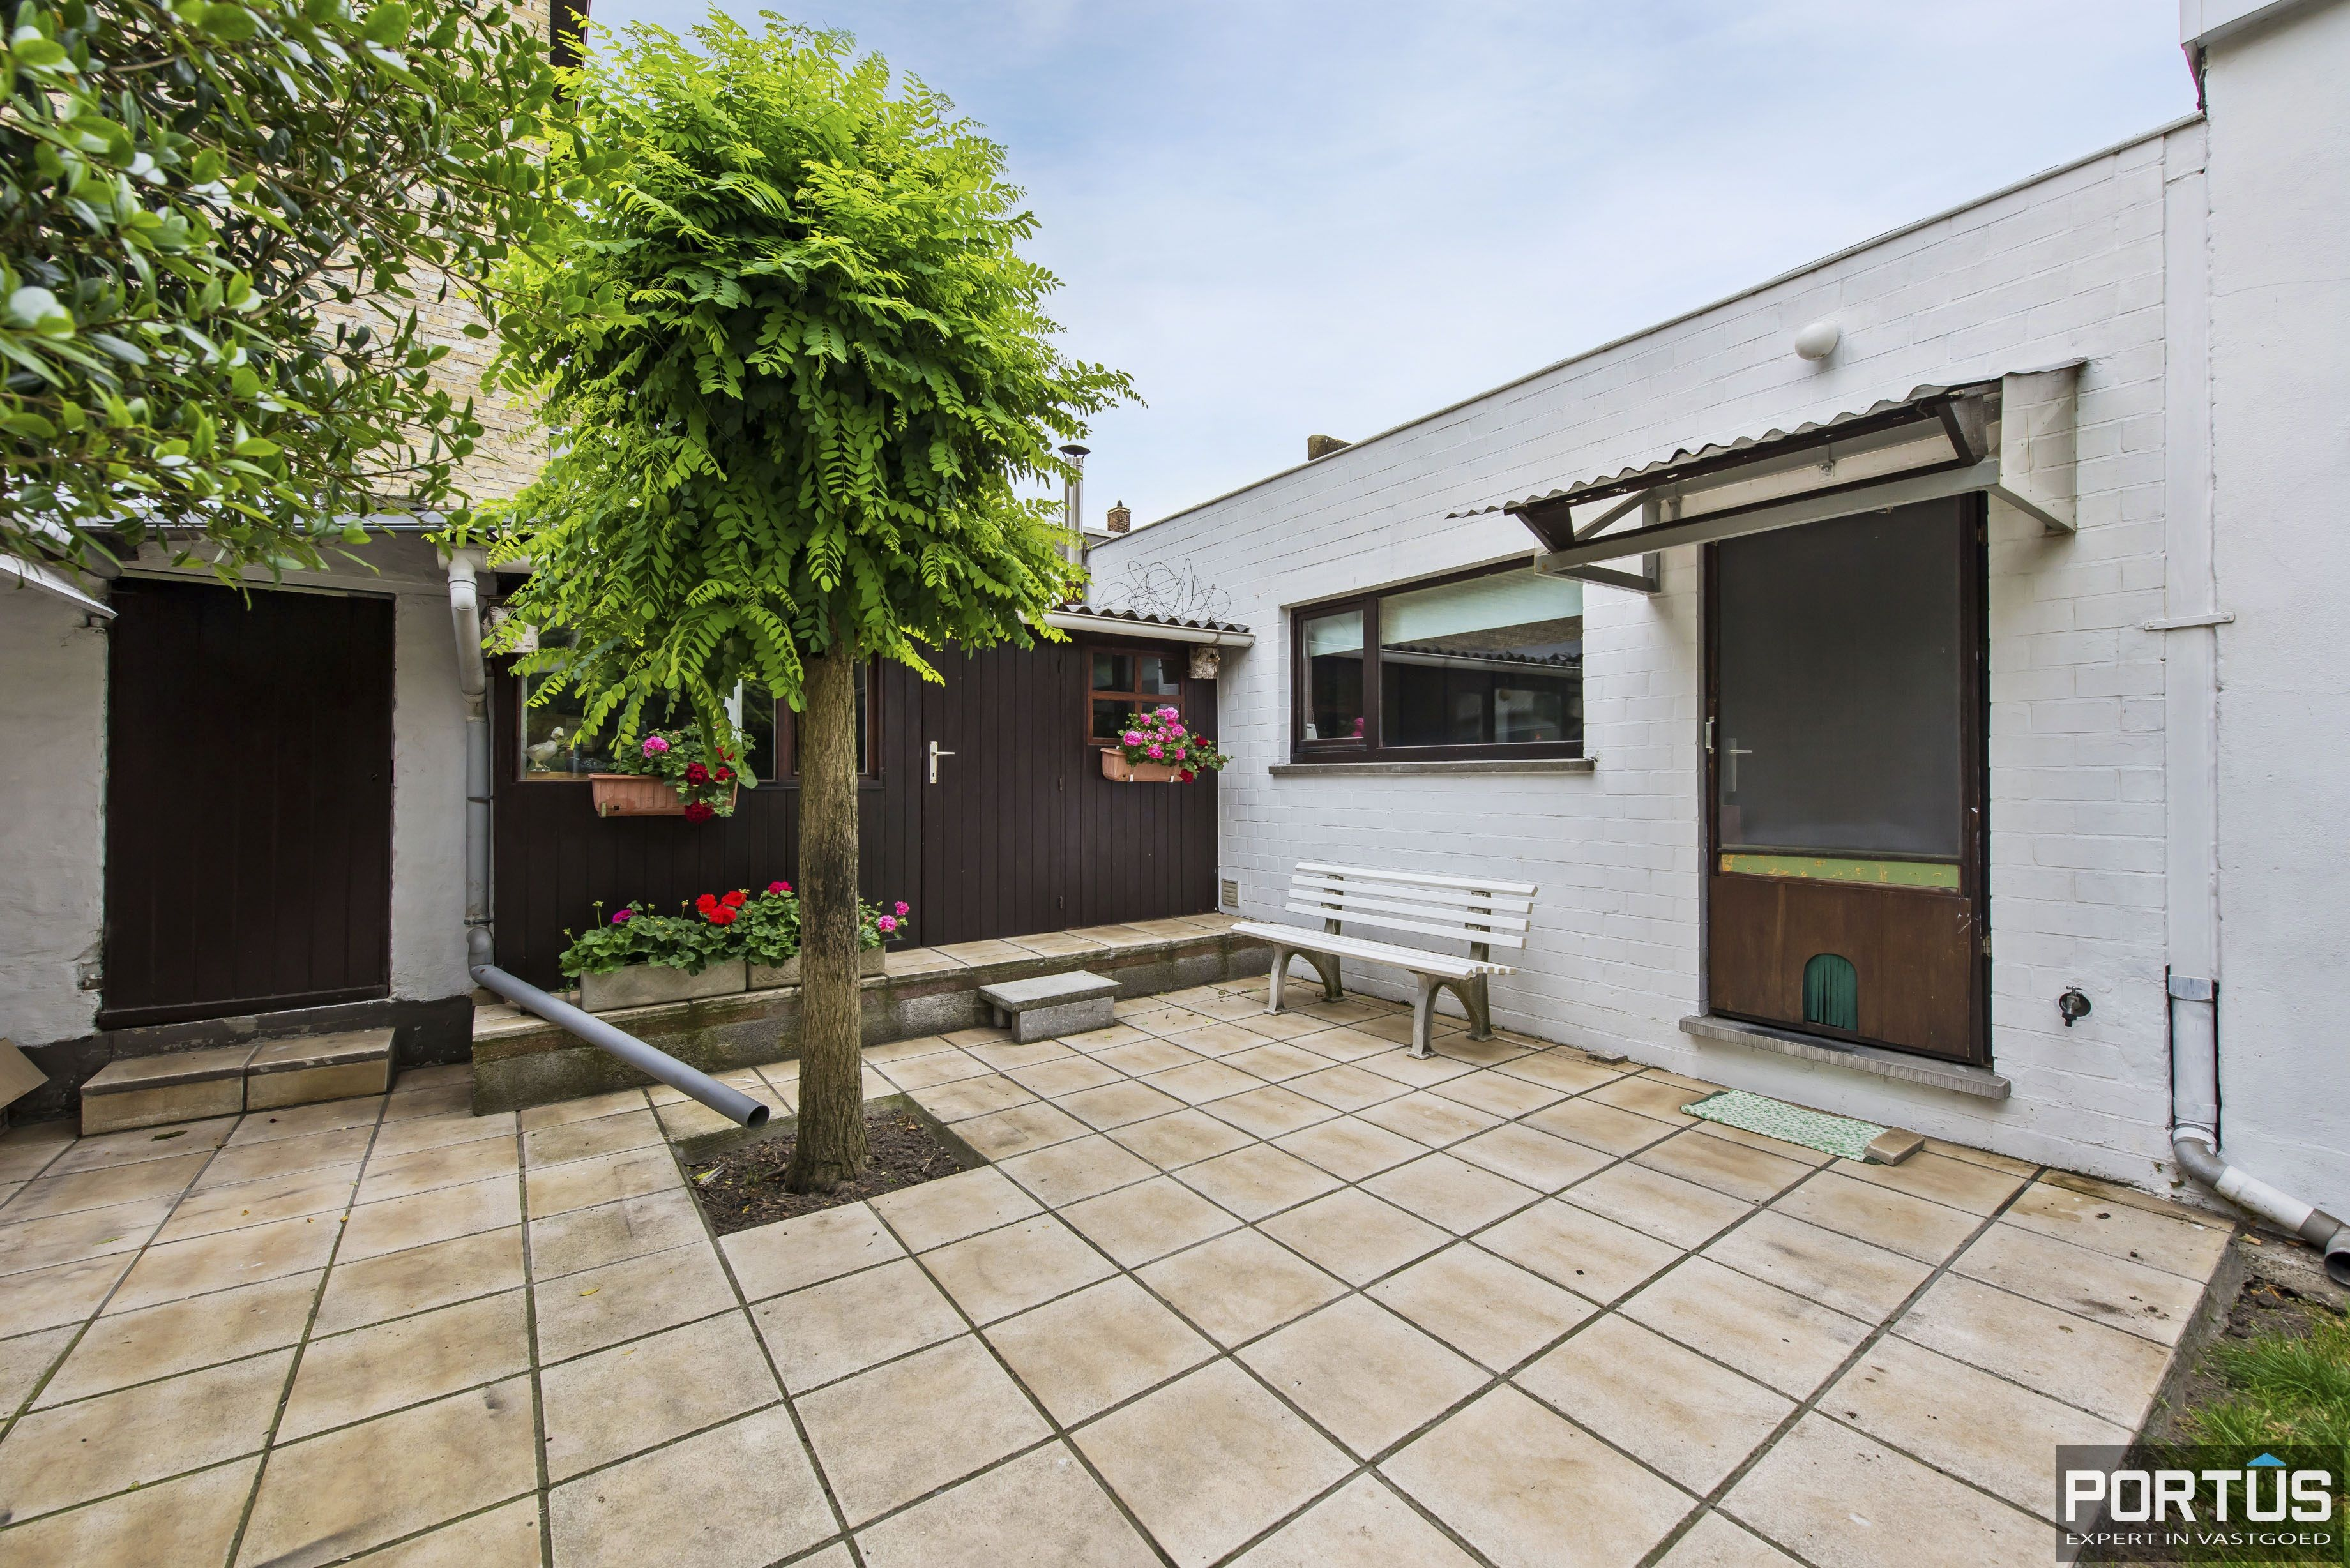 Woning te koop te Nieuwpoort met 7 slaapkamers en 4 garages - 8465